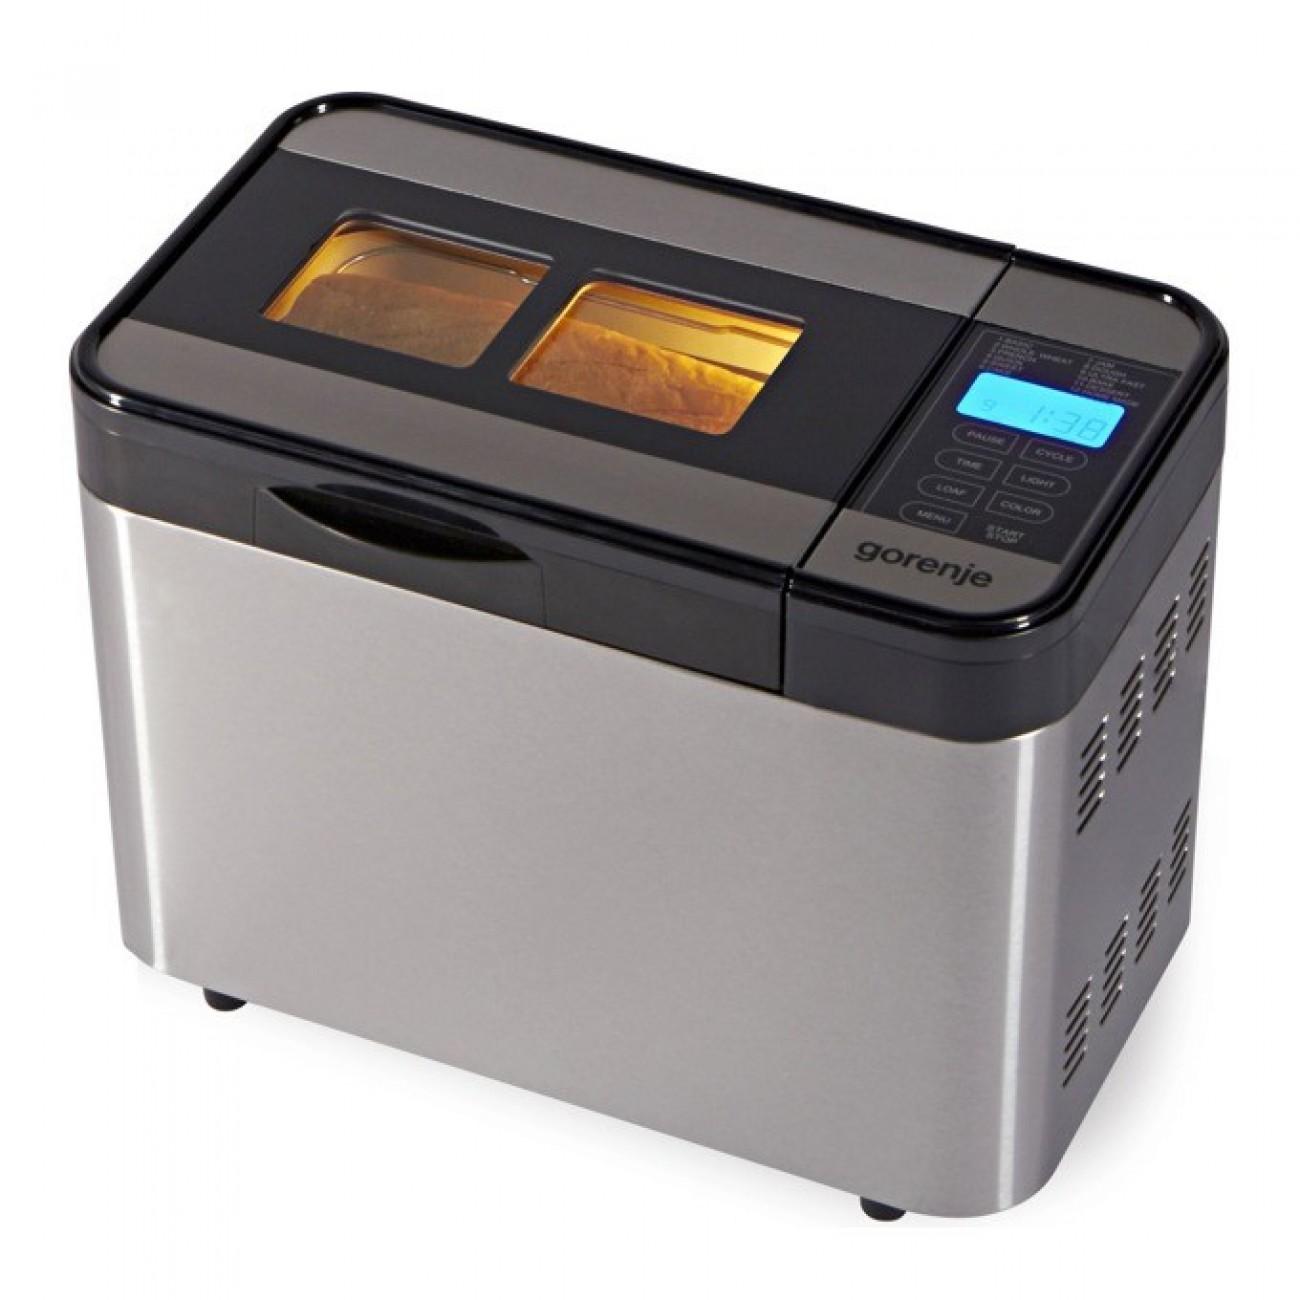 Хлебопекарна Gorenje BM 1400 E, 815W, 12 програми, aвтоматично набухване на тесто, функция за поддържане на топлината, сребриста в Хлебопекарни -    Alleop